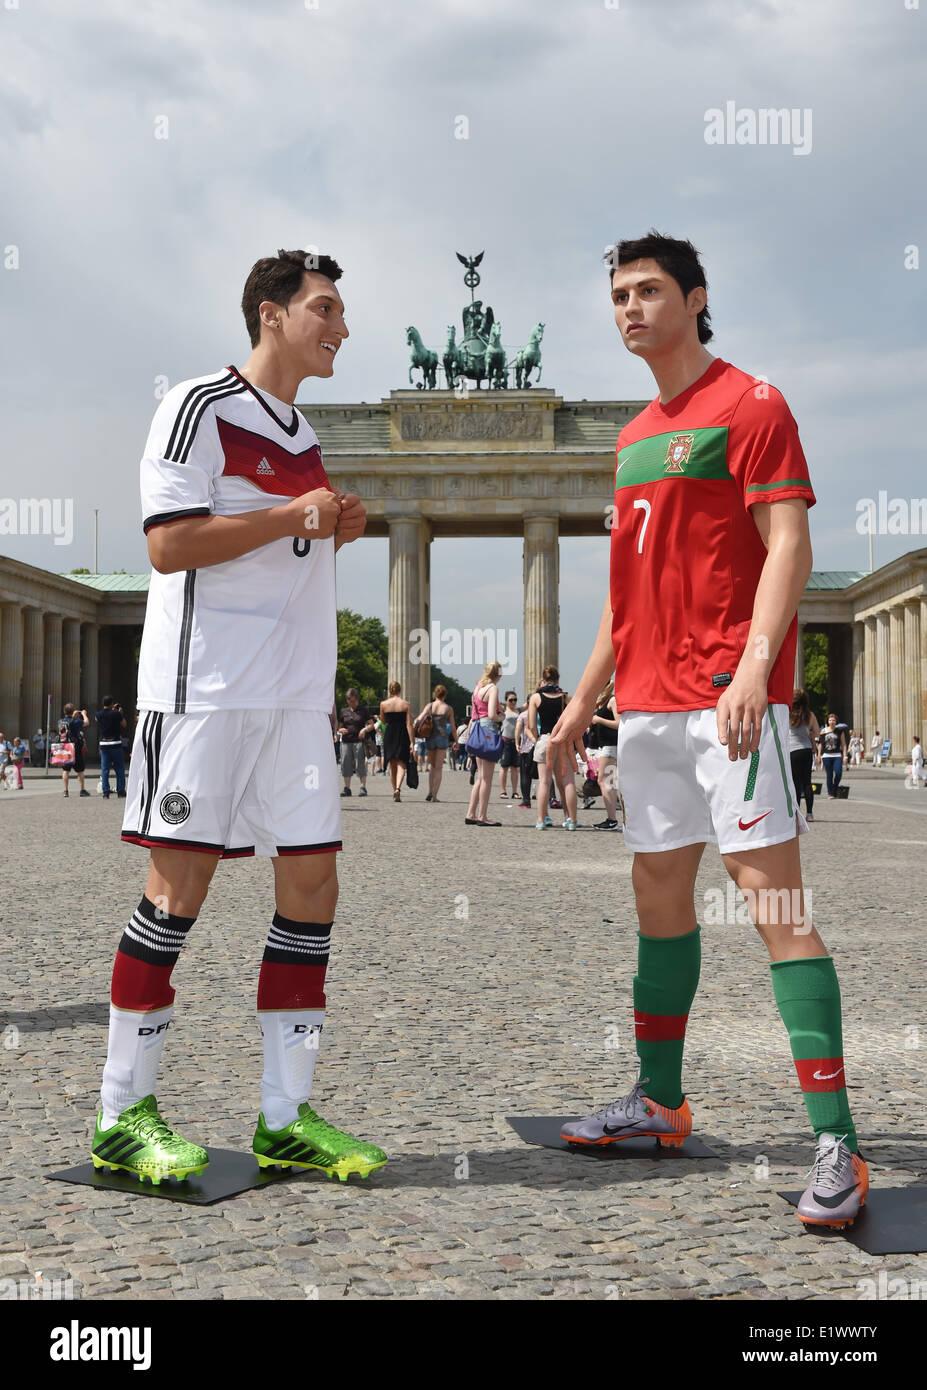 Figuras de Cera del futbolista Mesut Oezil (L) y Cristiano Ronaldo del  museo de cera Madame Tussauds están en exhibición delante de la Puerta de  ... 75a61a354aa71